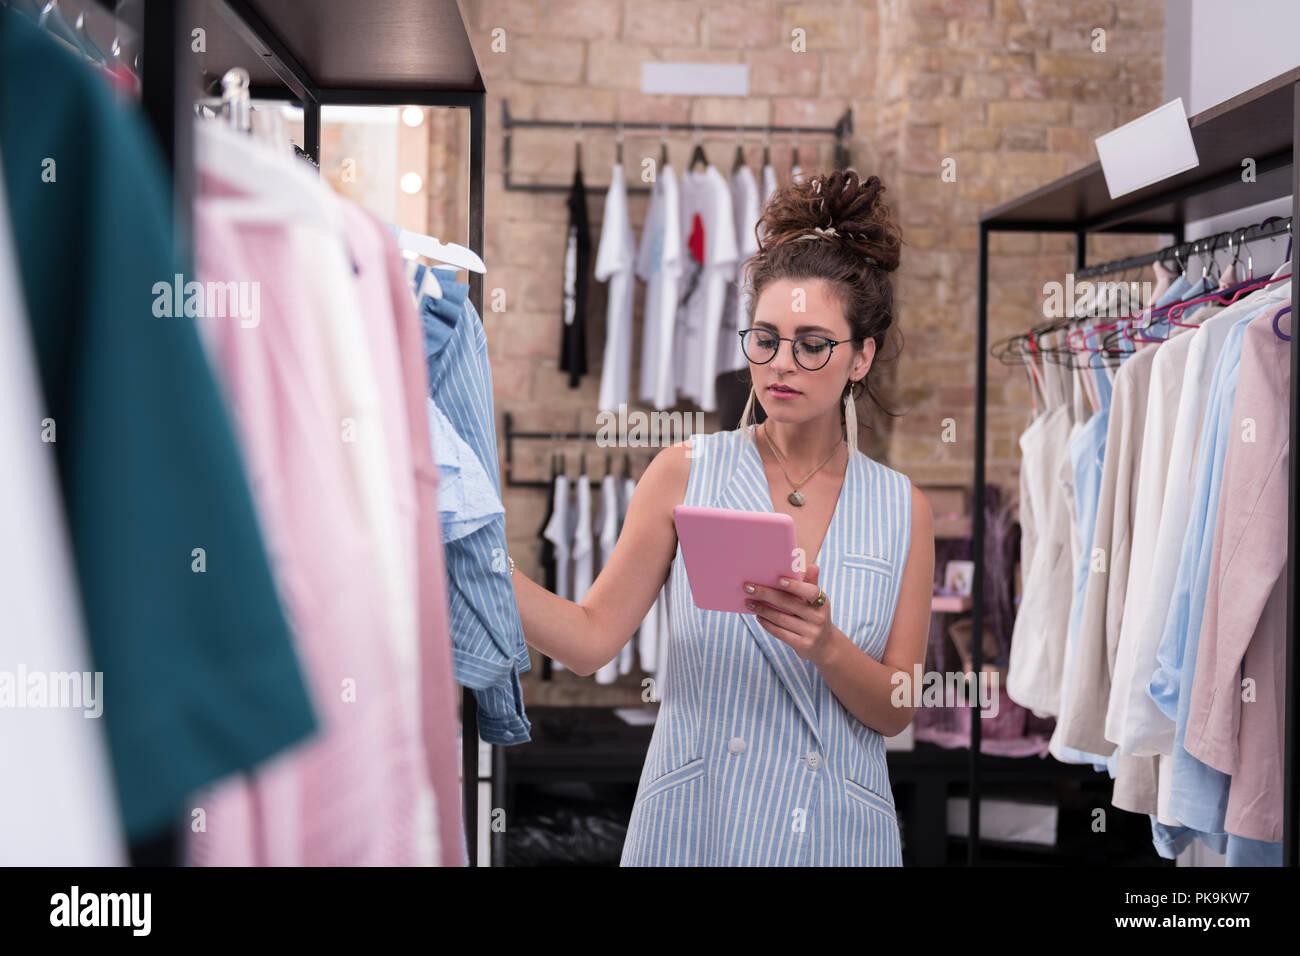 Femmina pensieroso shop assistant verifica le dimensioni disponibili Immagini Stock